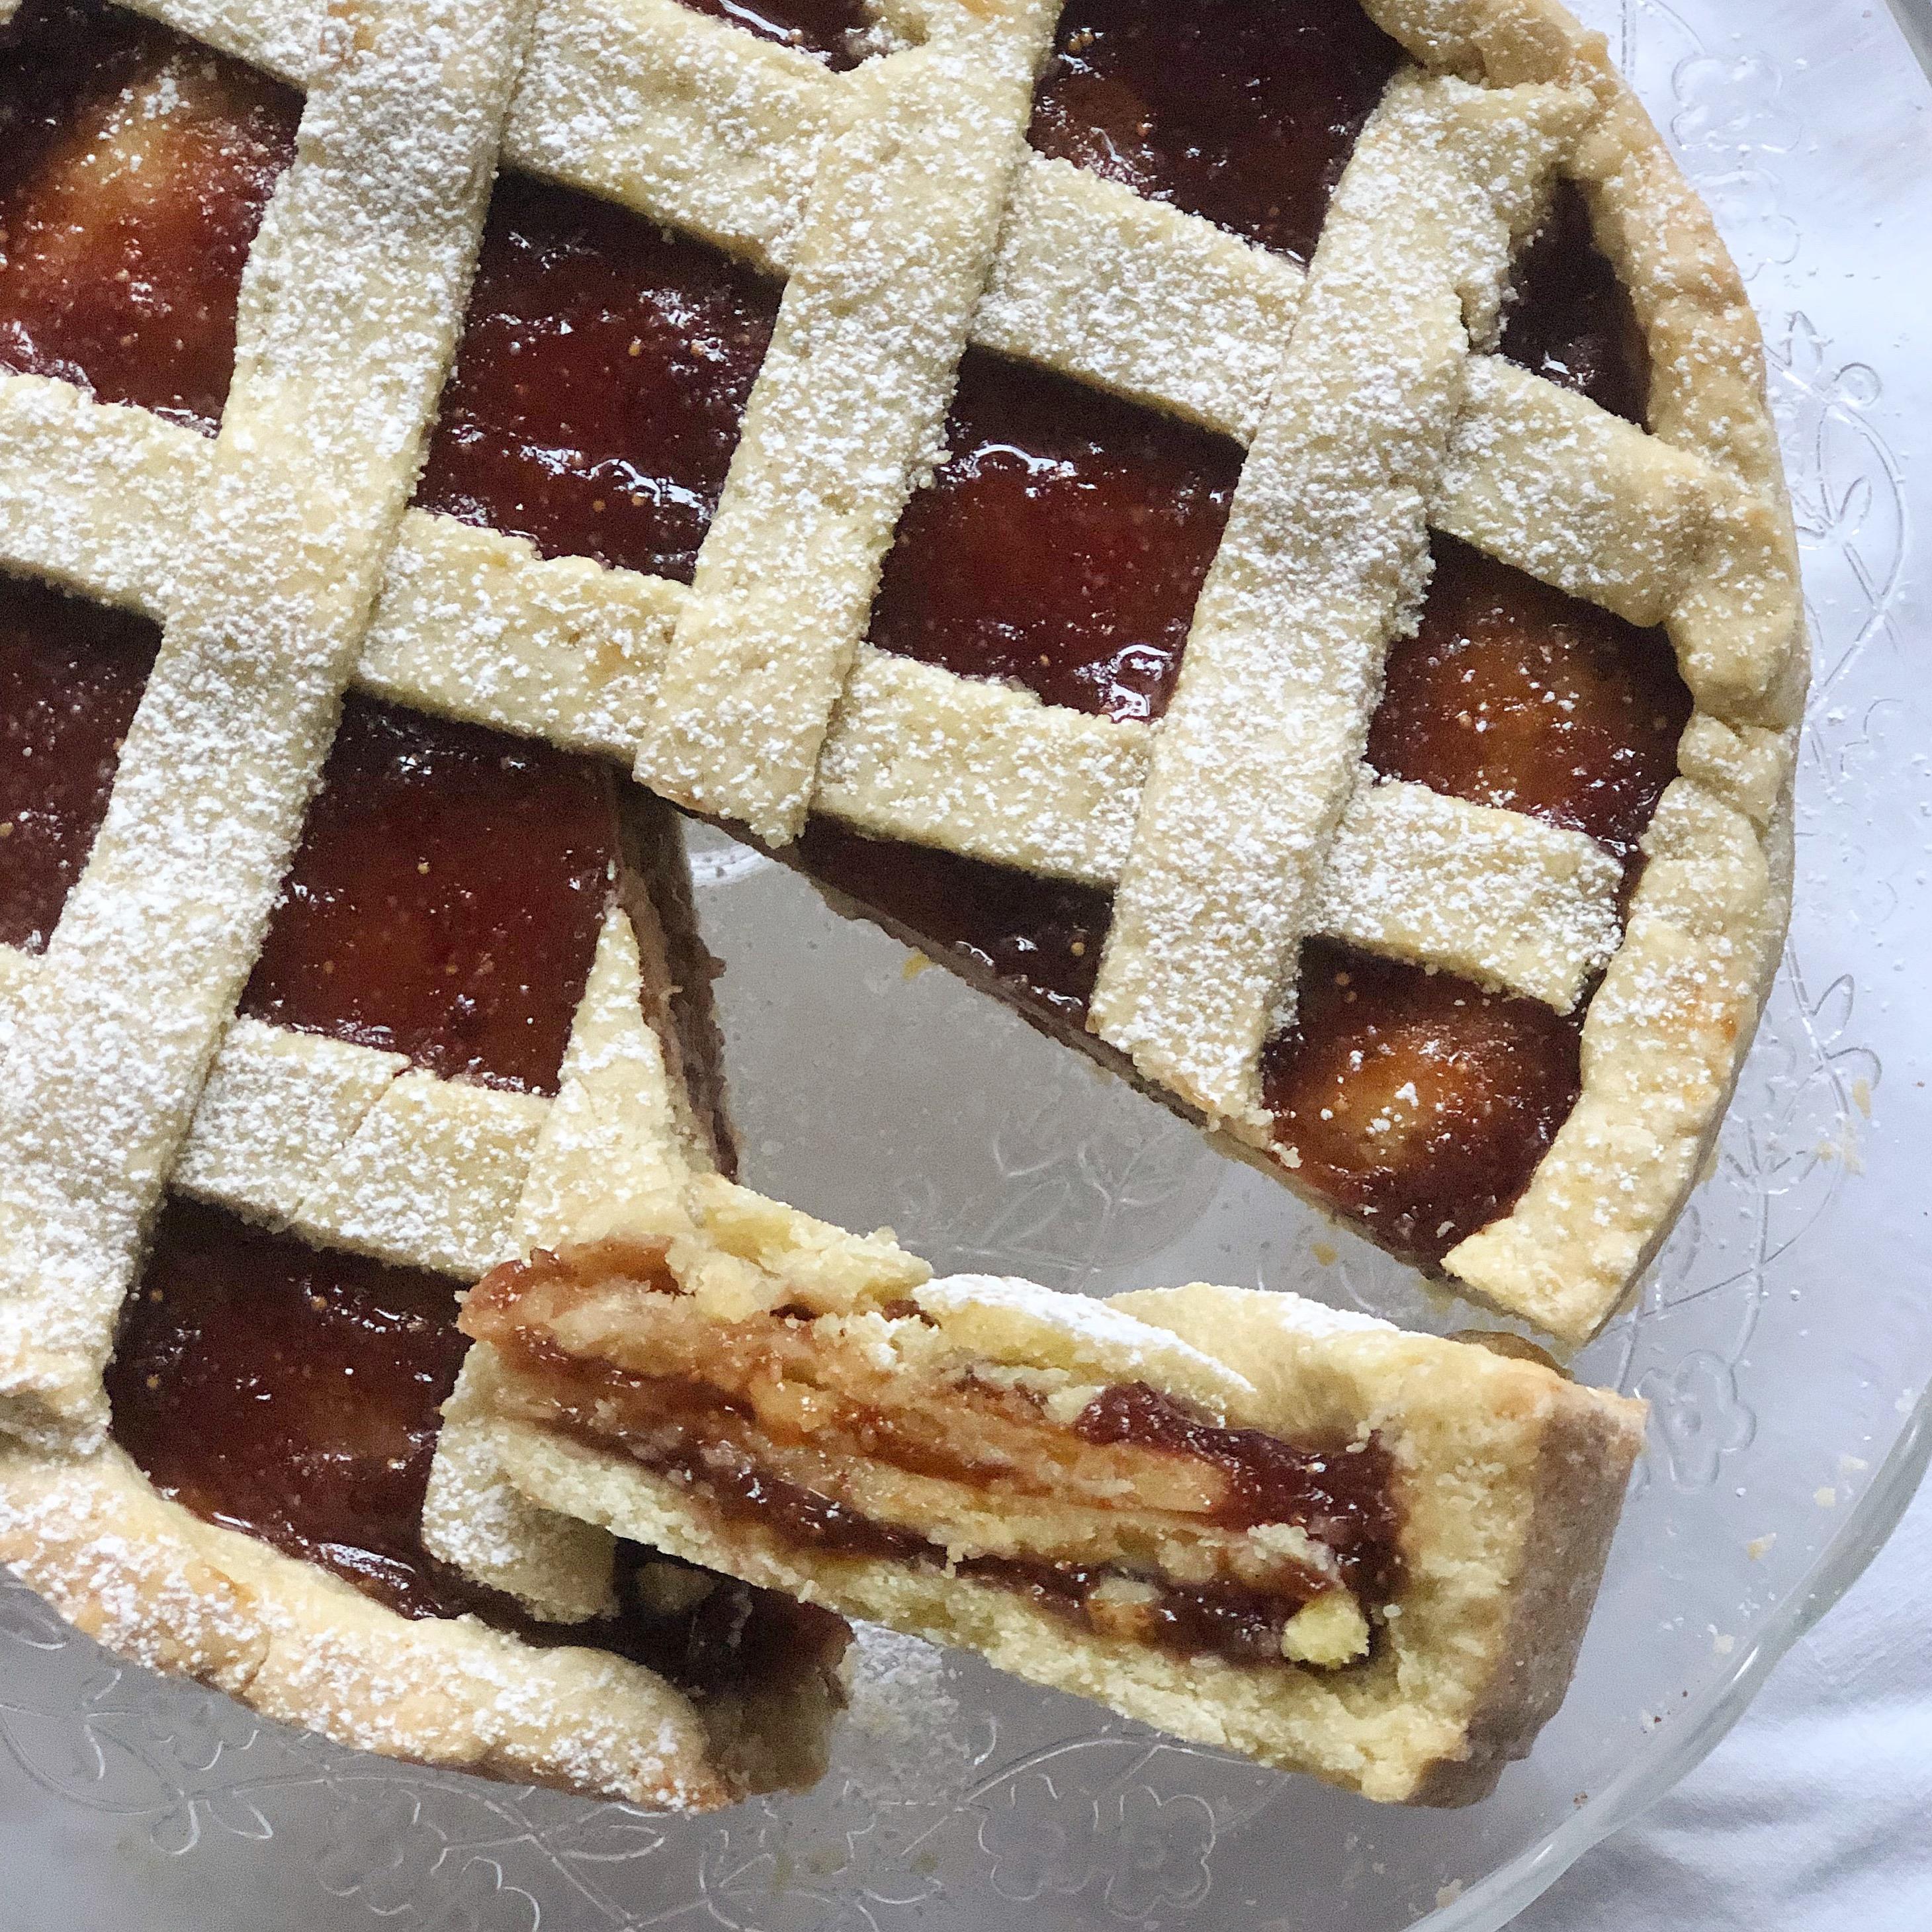 Crostata a Strati Senza Burro, una ricetta speciale di dolci senza burro